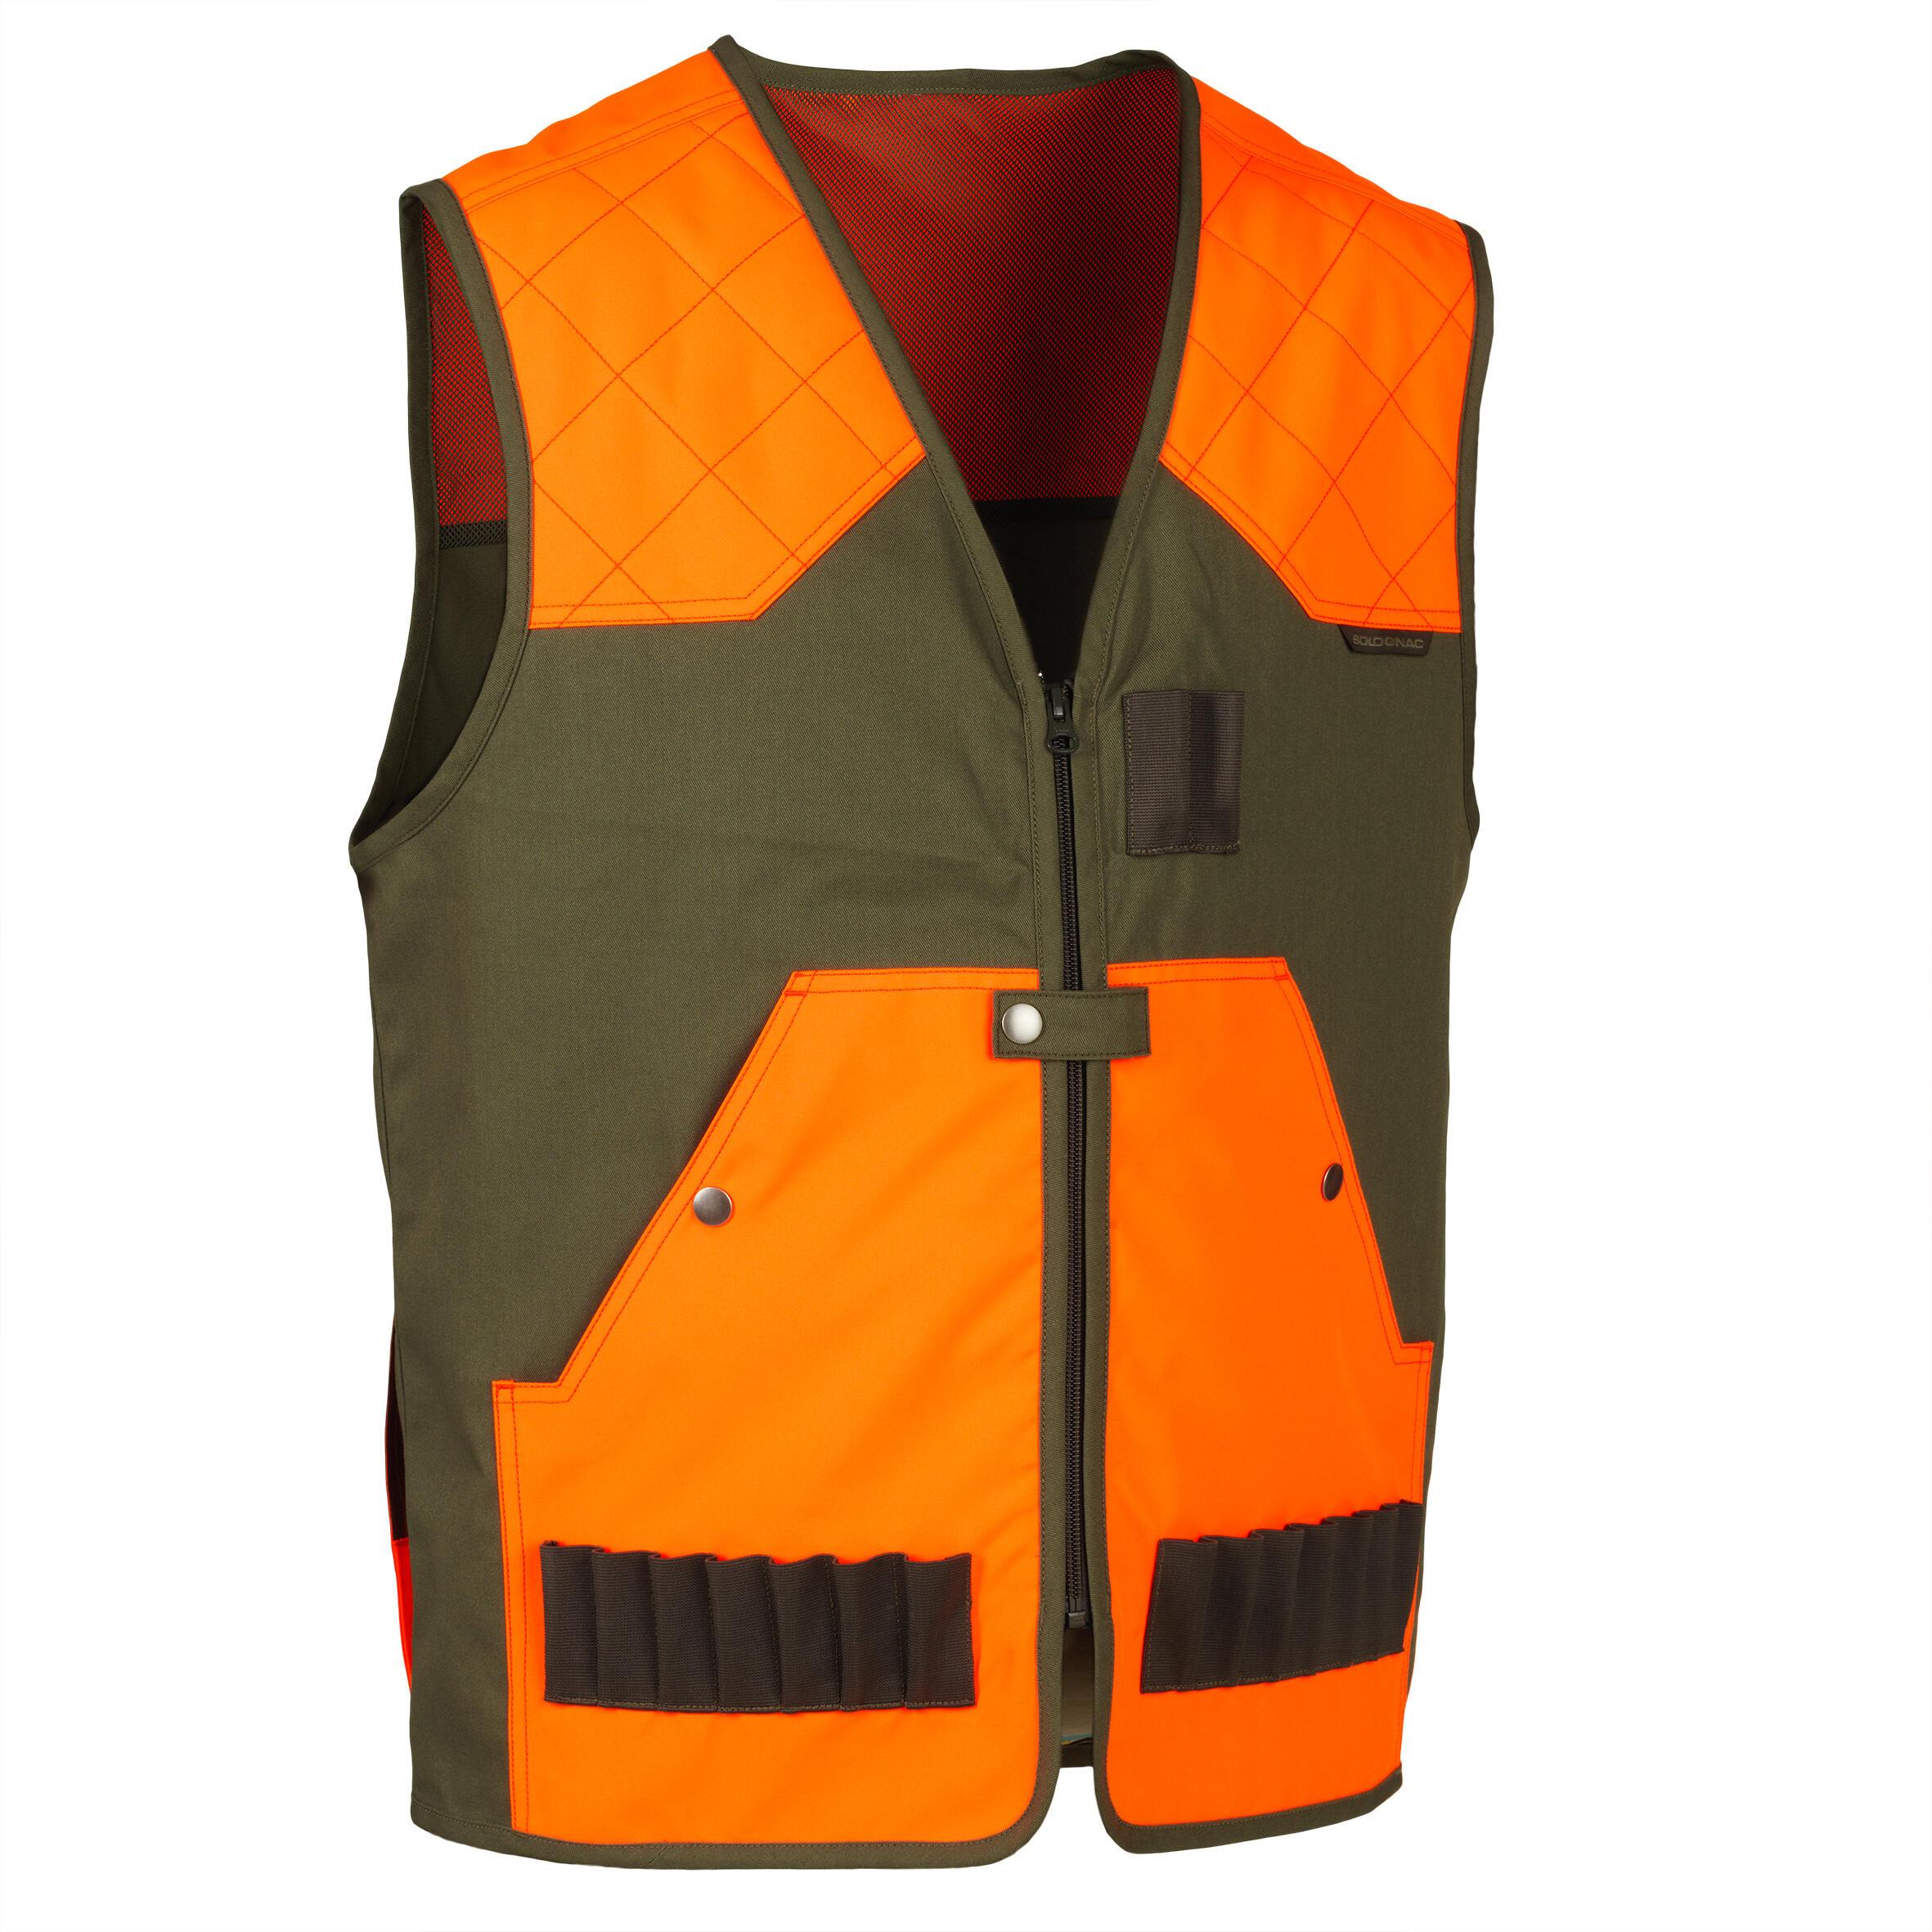 Jagdweste leicht 100 orange/grün | Bekleidung > Westen > Jagdwesten | Solognac